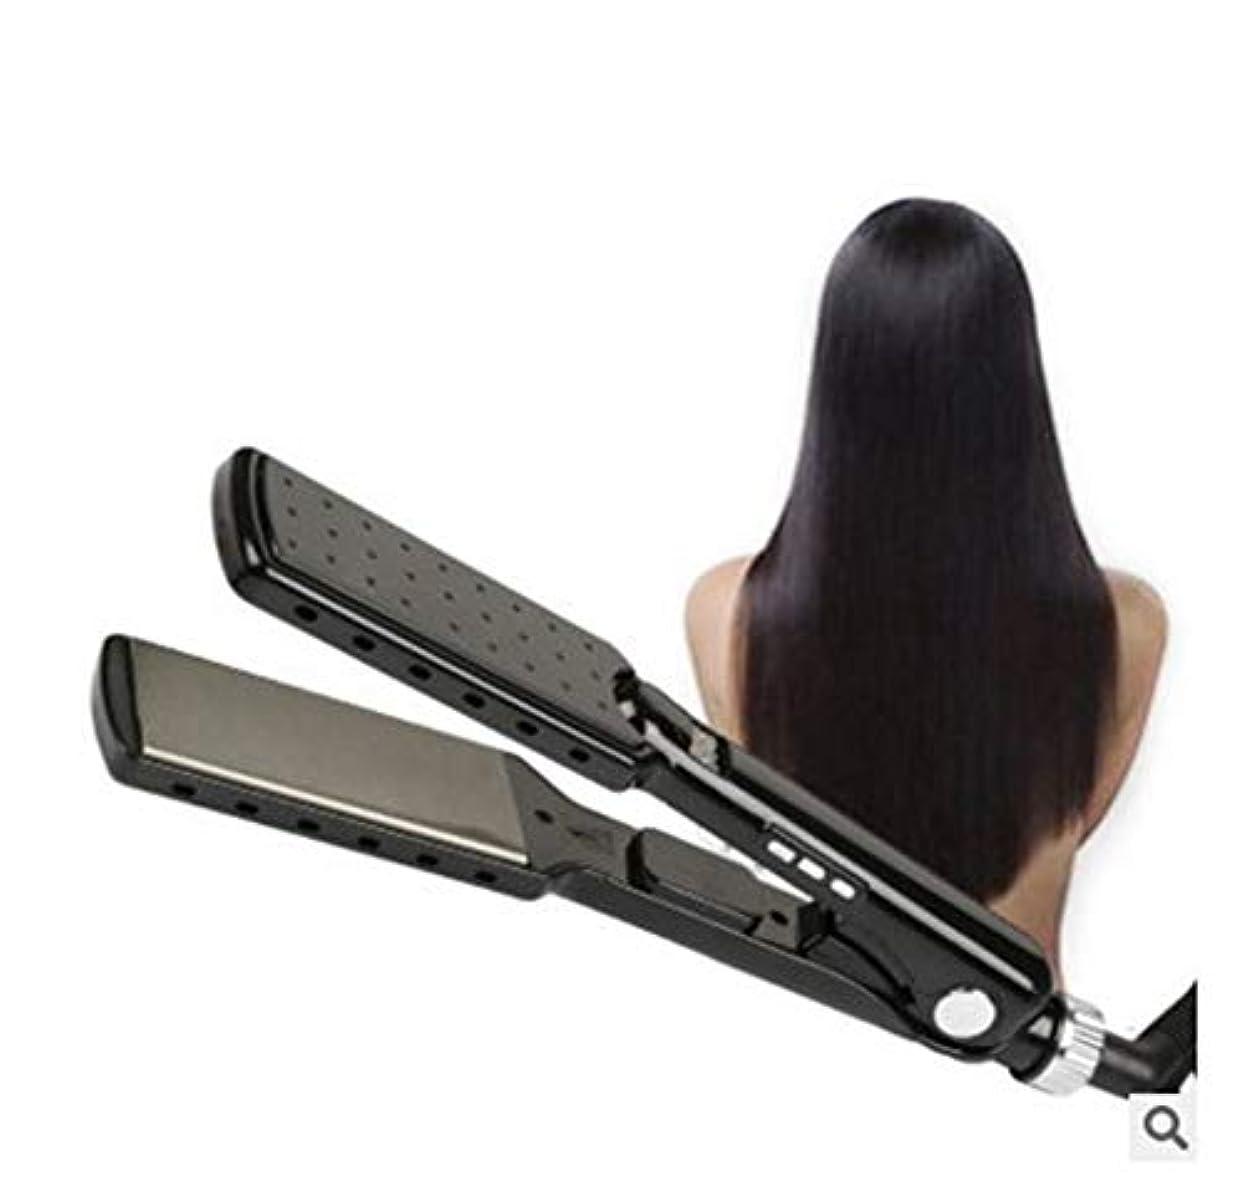 オーバーフロー正しい背が高いプロのサロン高品質フラットアイアンストレートヘアアイロンインスタント加熱デュアル電圧トラベルヘアストレートニングアイロンすべての髪の滑りやすいスライドに適しています